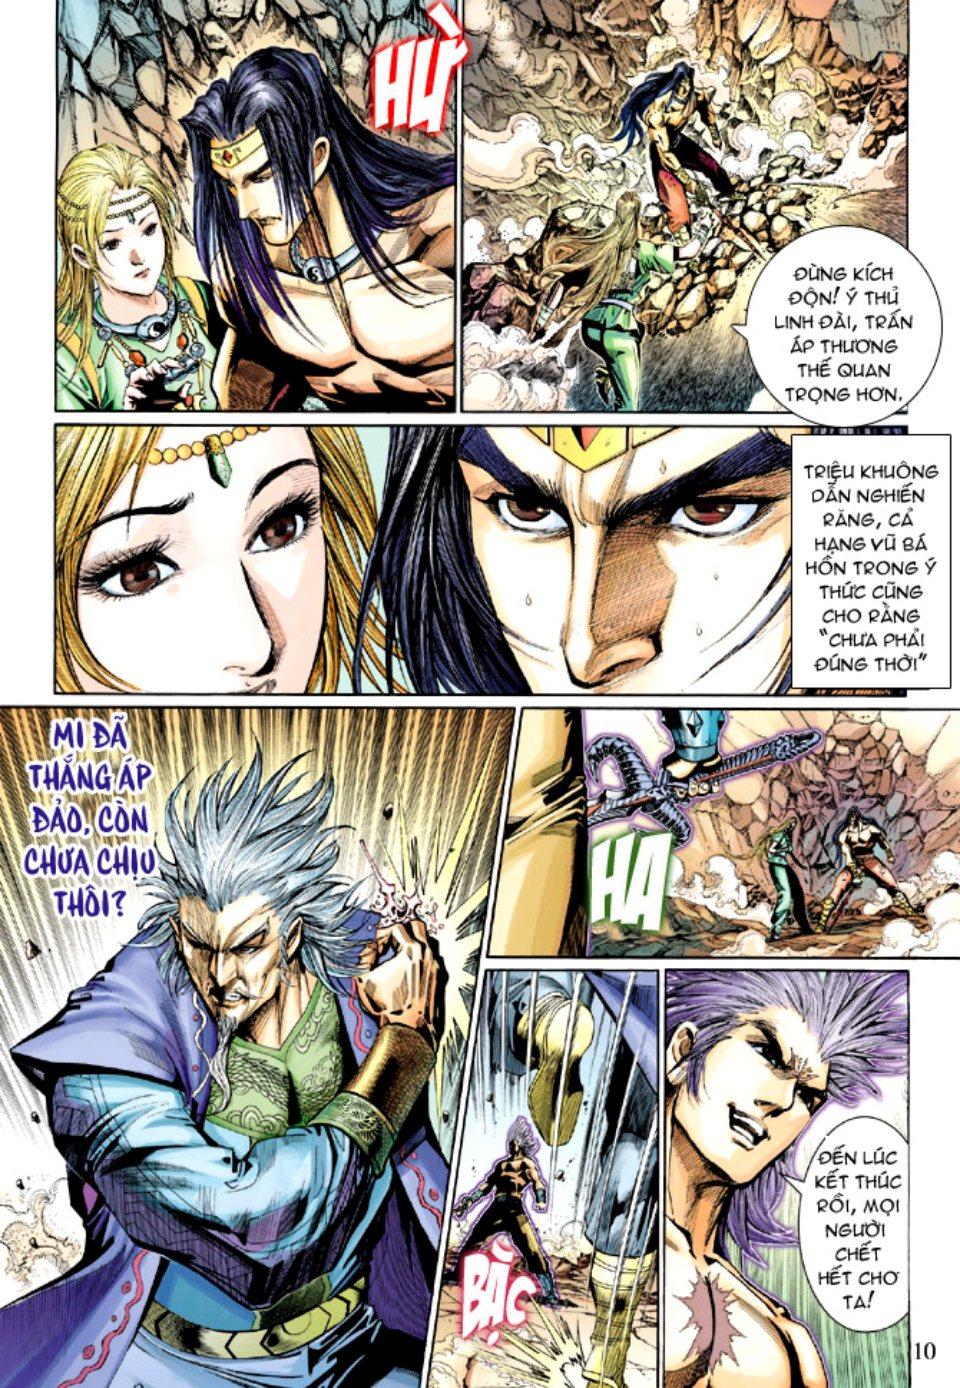 Thiên Tử Truyền Kỳ 5 – Như Lai Thần Chưởng chap 214 – End Trang 10 - Mangak.info